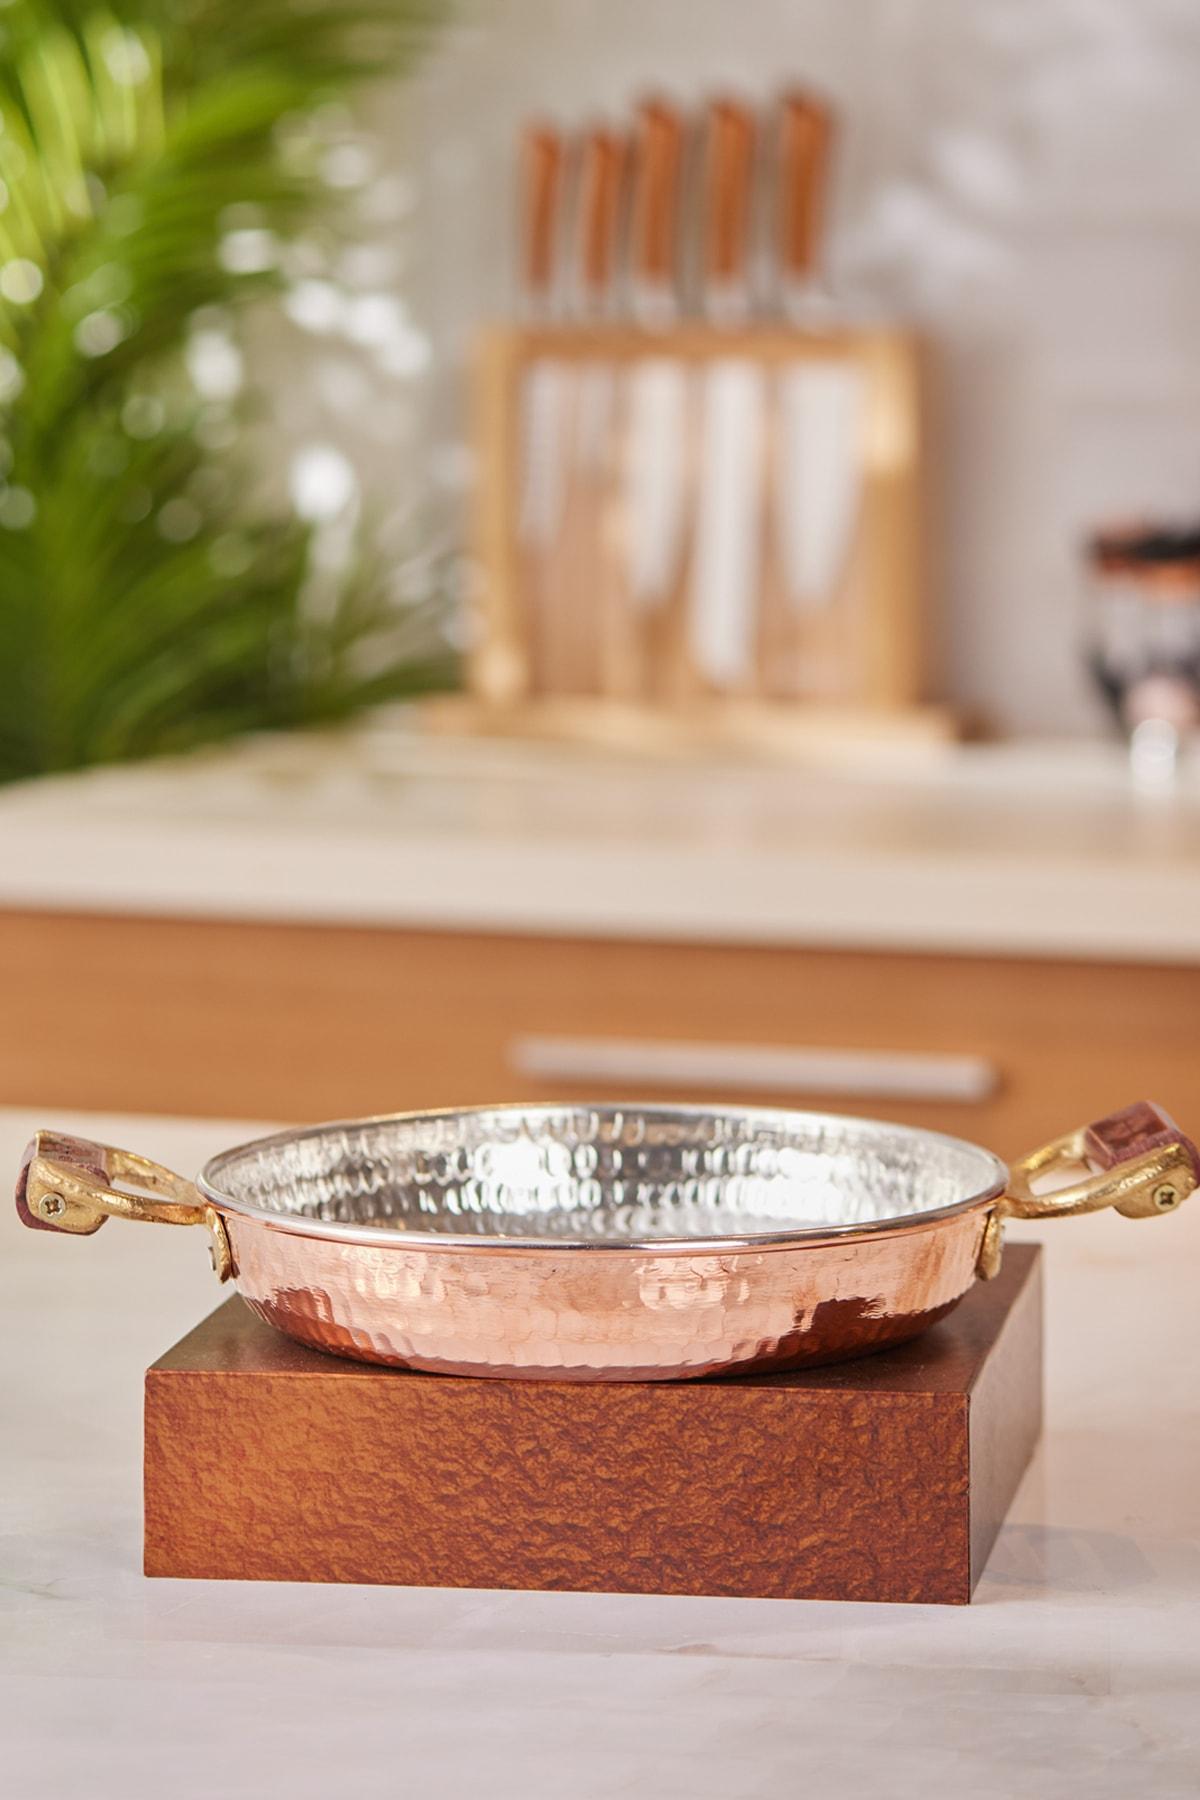 Sahan عموم النحاس مقلاة التقليدية الإنجليزية البيض عجة القلي الطبخ طبخ صنع تركيا